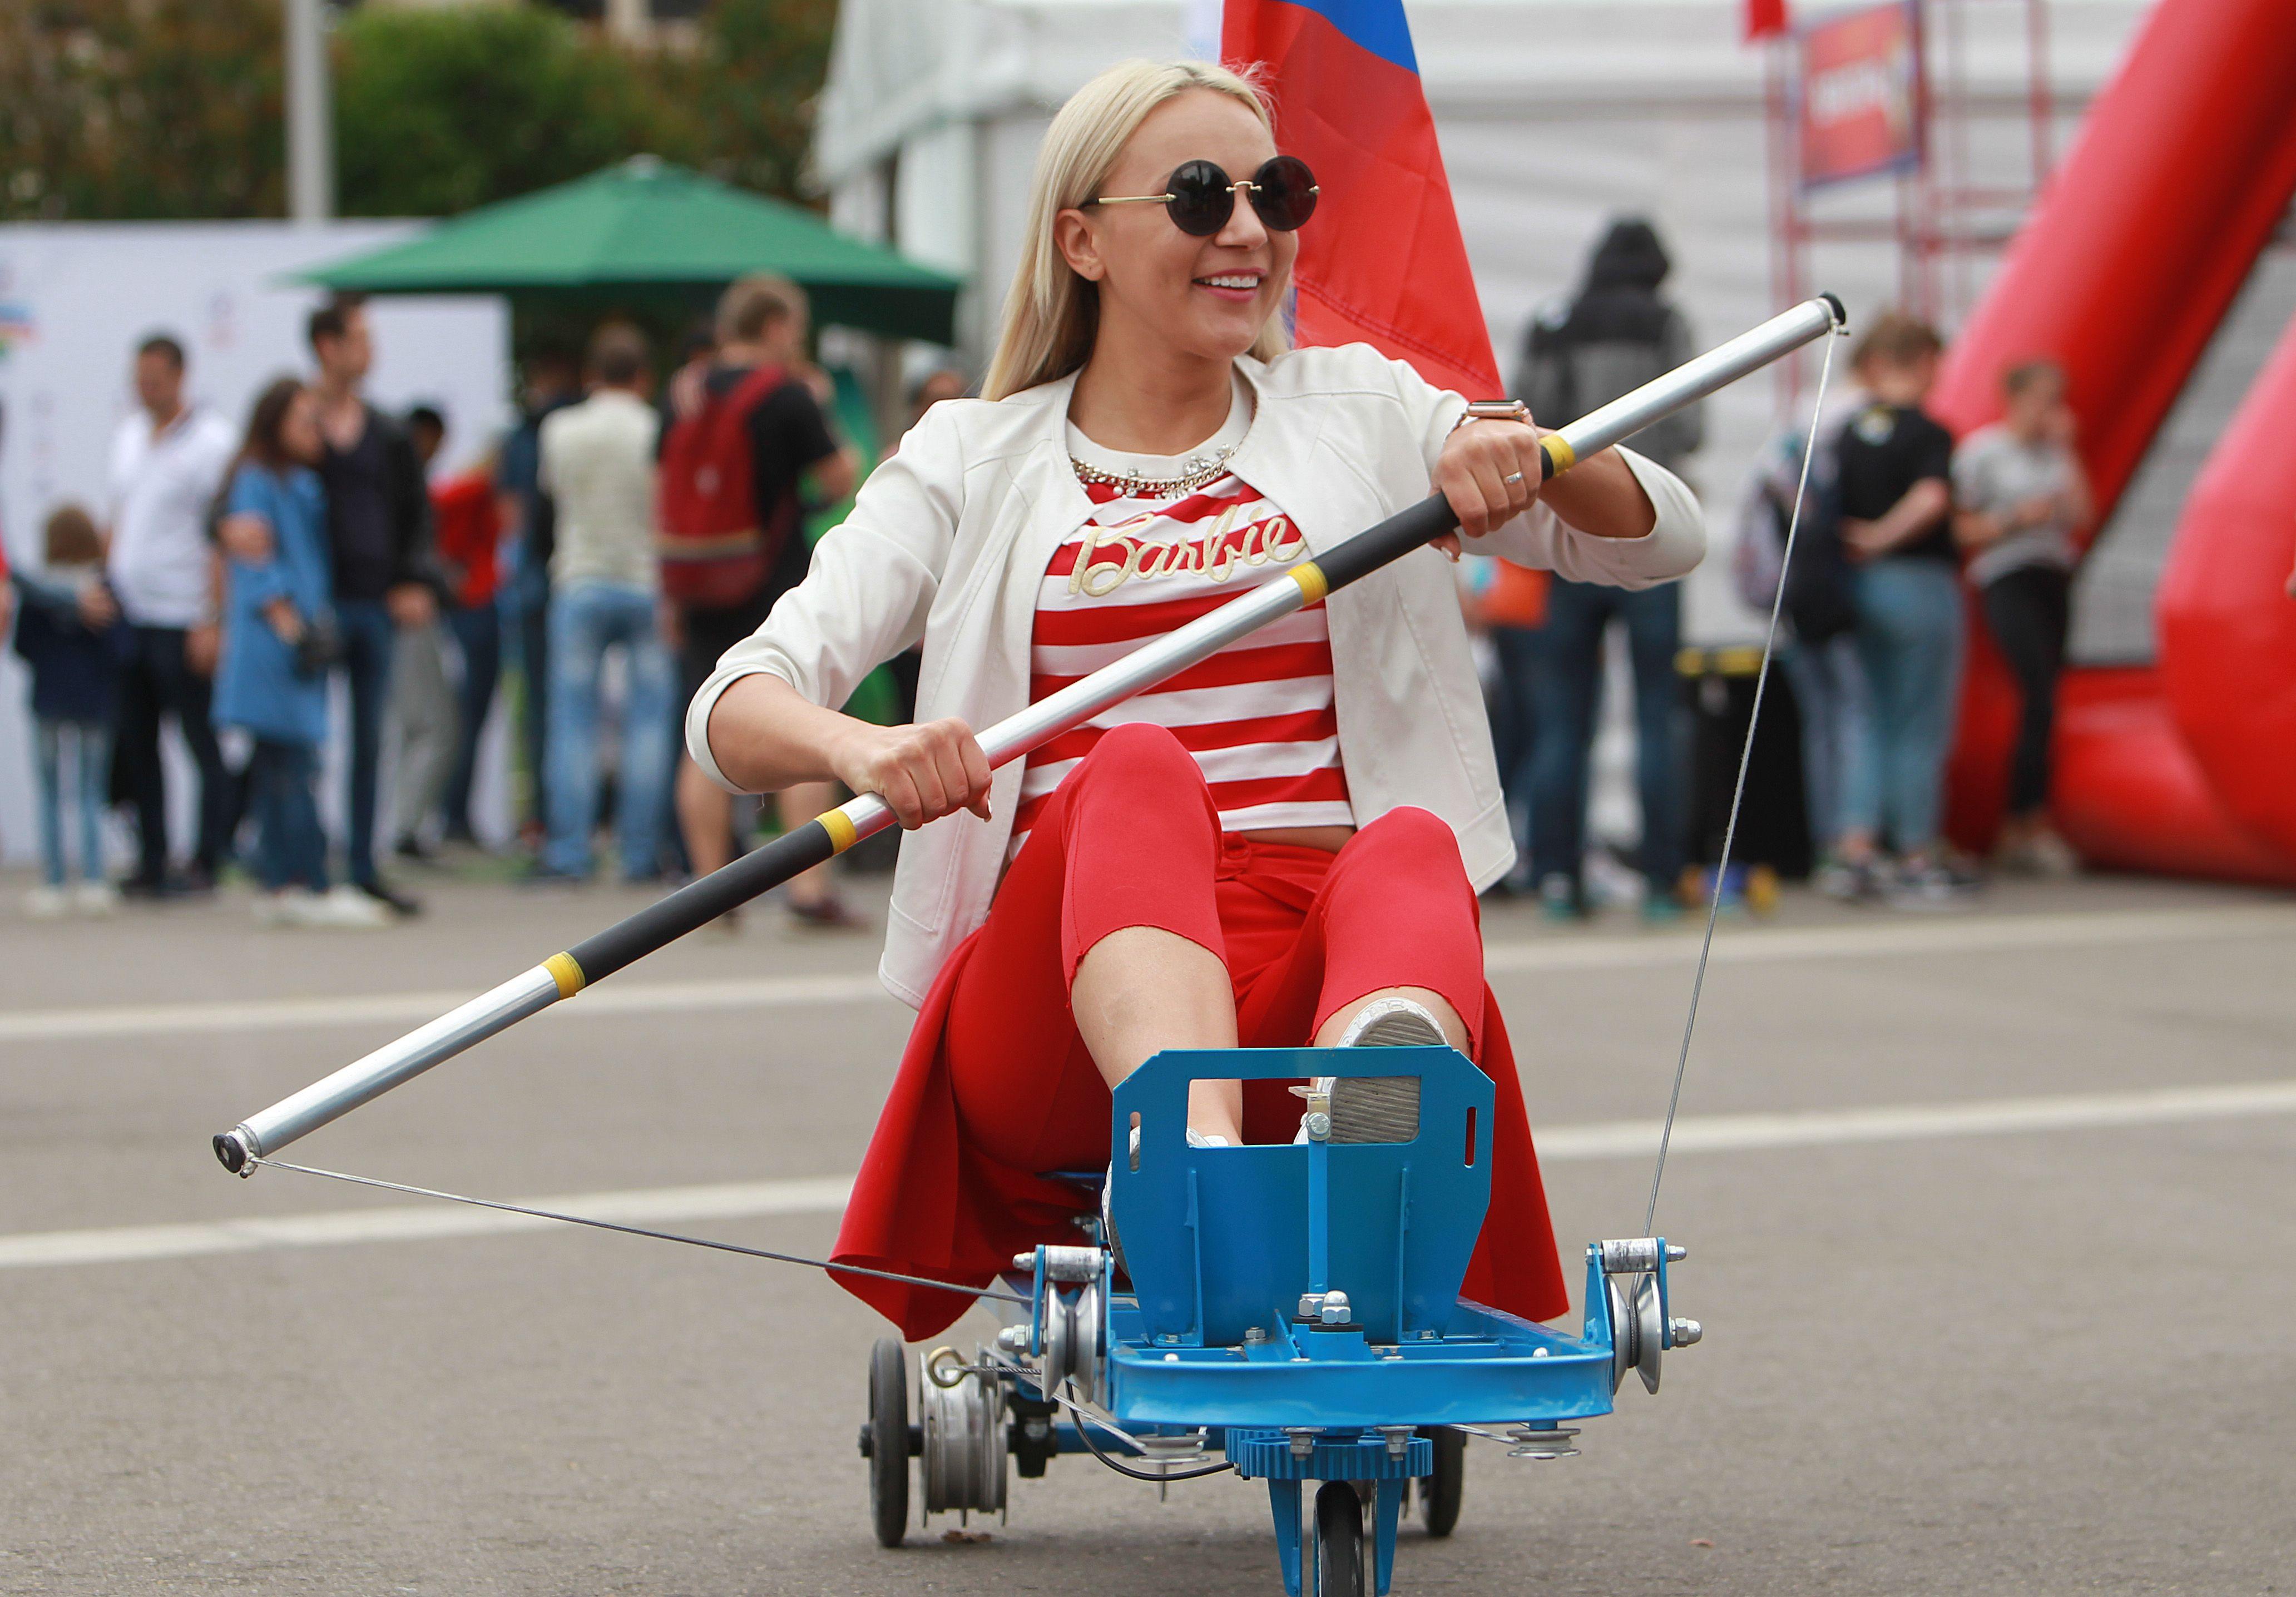 Спорткомплекс «Лужники» примет финал Спартакиады трудящихся в День города